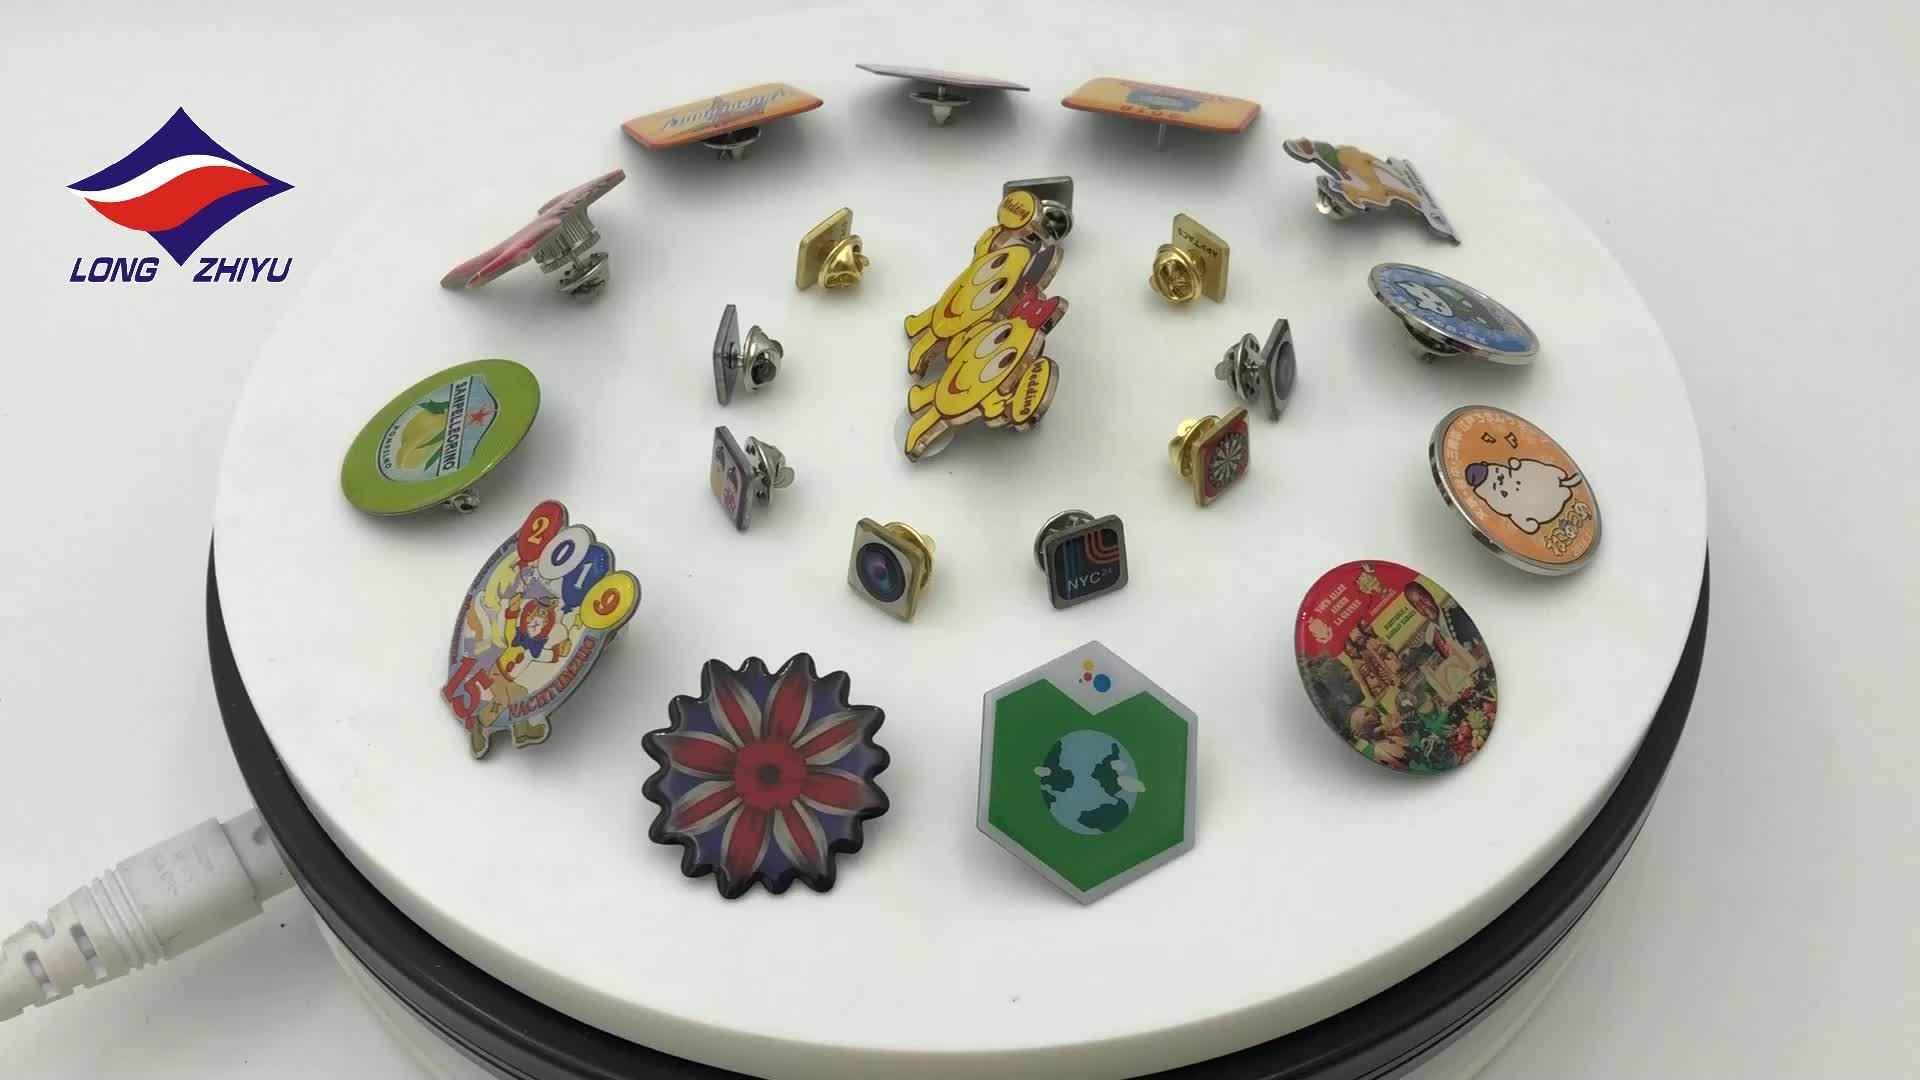 Longzhiyu 12 anos fabricante Botão Crachá pino do botão personalizado roupas broche pin free design metal badge profesional produtor